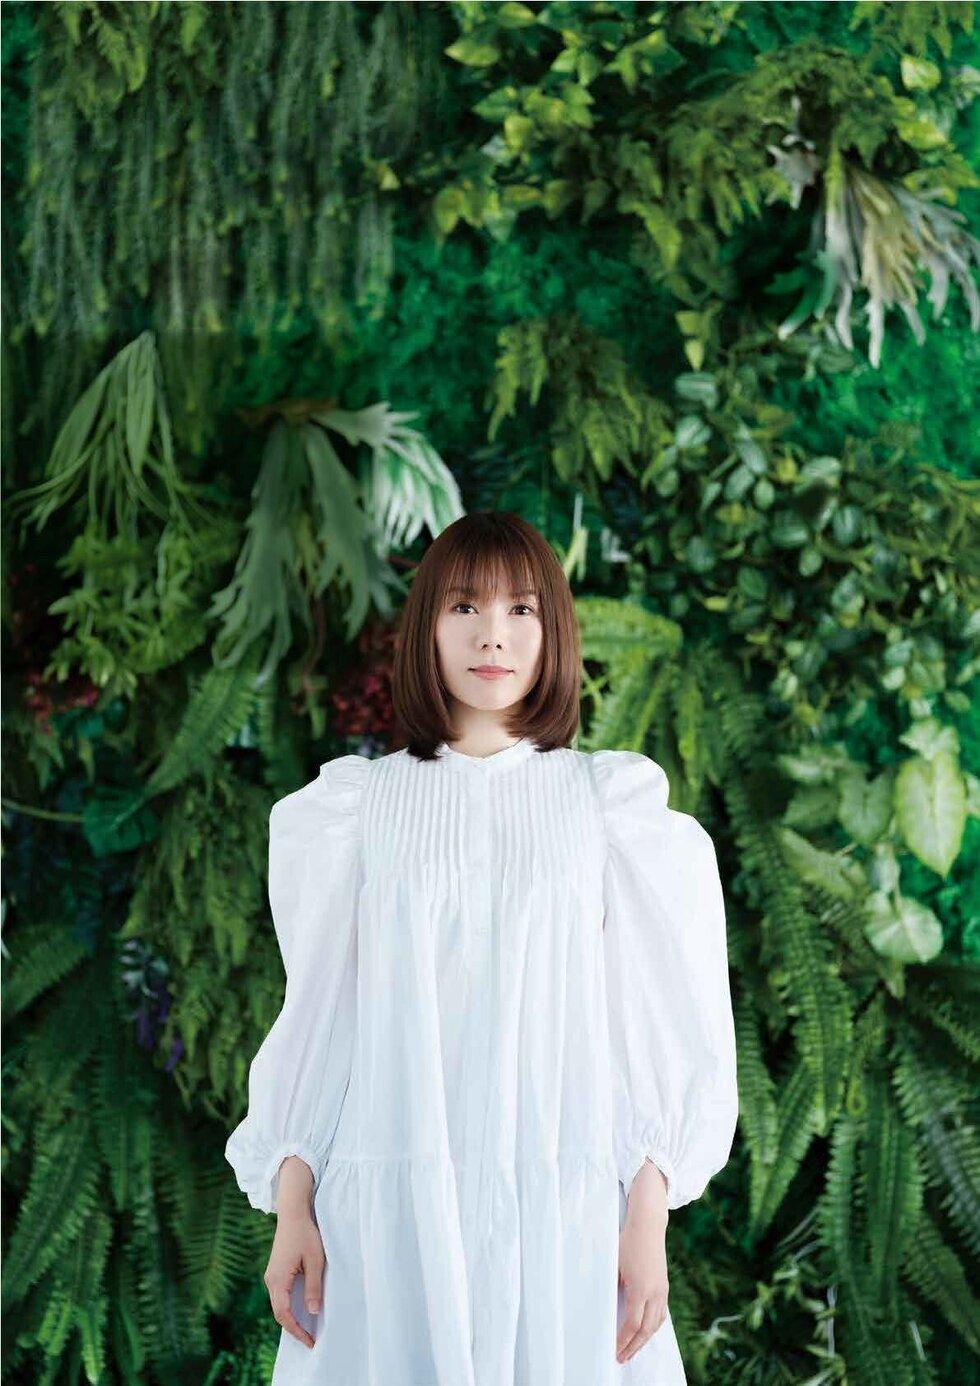 社会福祉法人 横浜いのちの電話 秋の催し半﨑美子 明日を拓くコンサート2021の写真